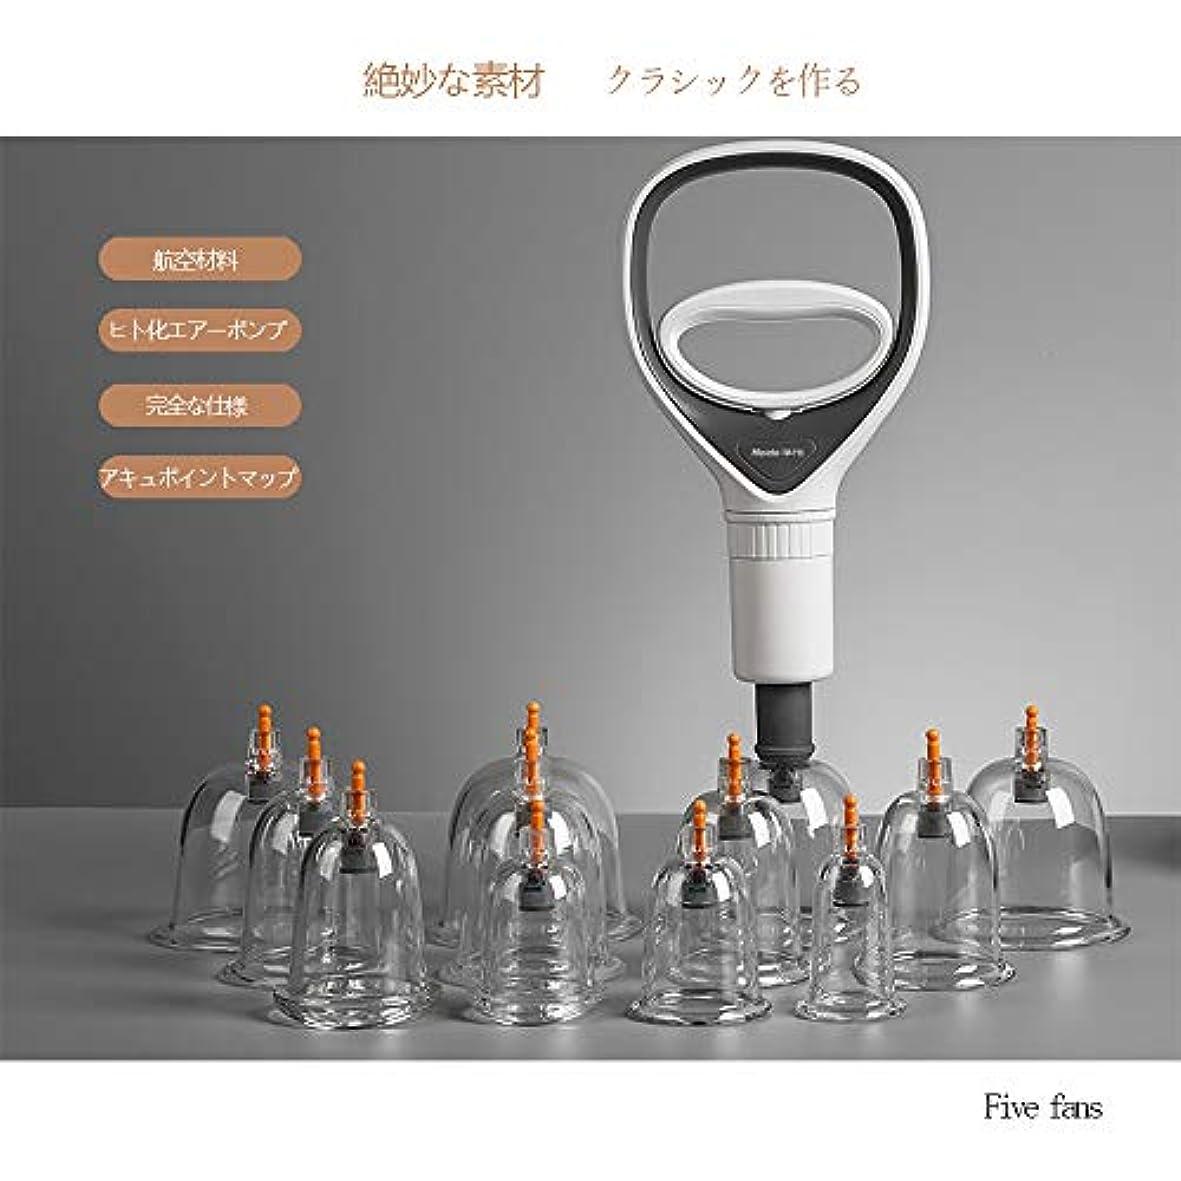 意図薬用肖像画カッピング 吸い玉 マッサージカップ 磁気 ポンプ付きカッピングセット 疲労解消 血液の循環を刺激 各部位対応8種類 12個セット(ギフトボックス付き)